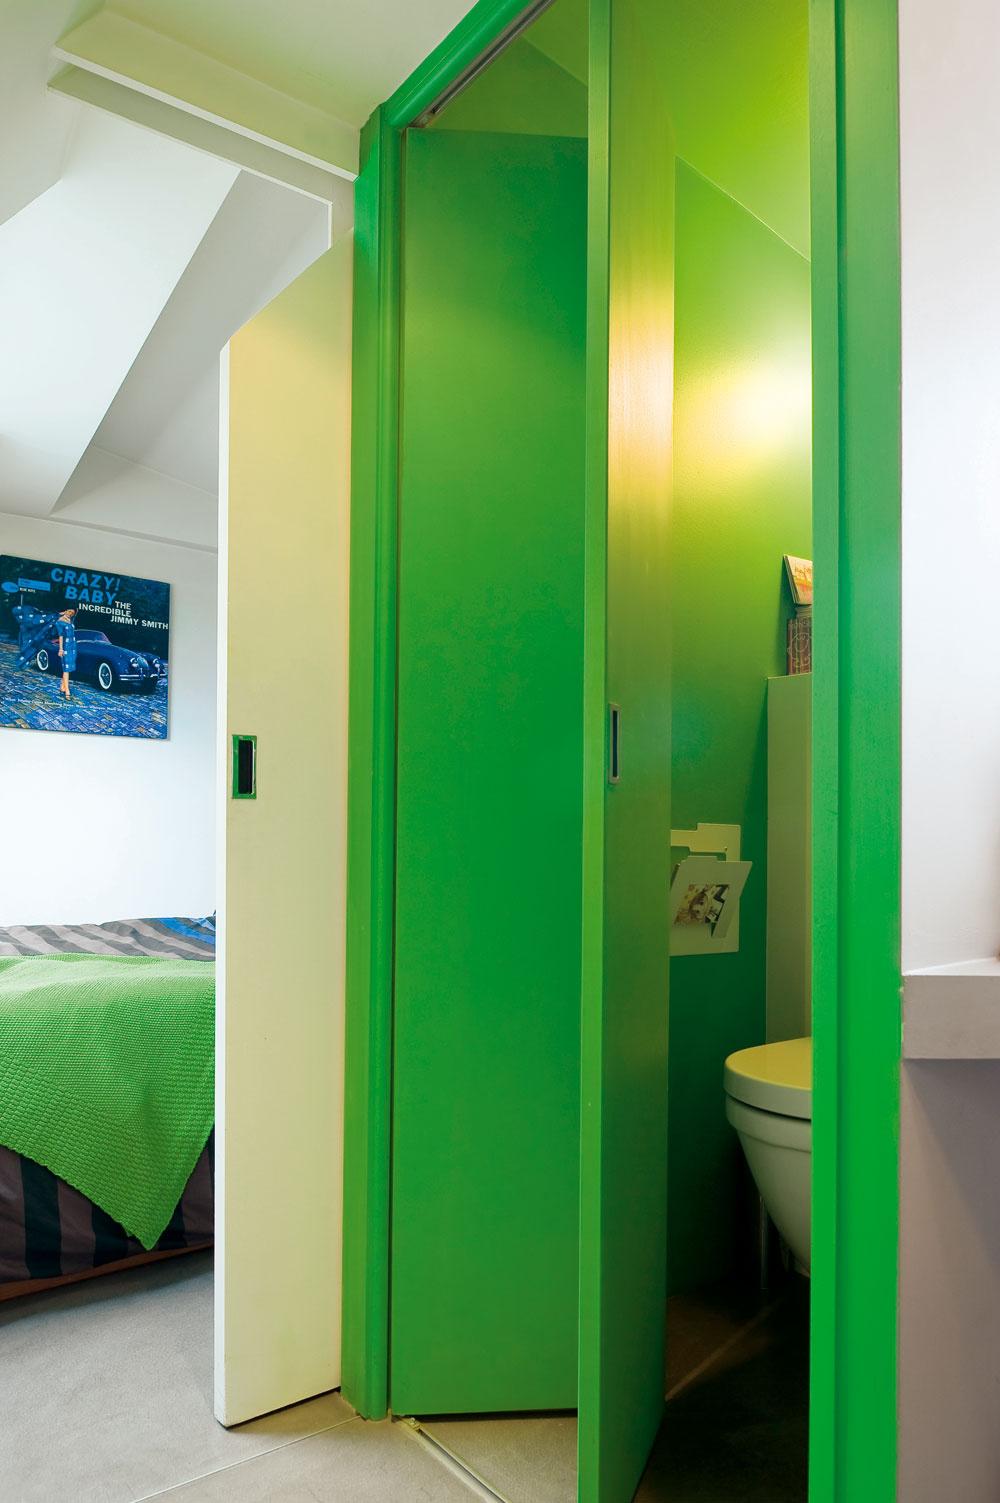 Hneď vedľa spálne je za zelenými skladacími dverami toaleta. Rovnako ako posuvné dvere spálne, prispôsobené sklonu strechy, sú aj dvere WC vyrobené na mieru. Aj vtomto prípade myslel architekt na to, ako čo najpraktickejšie využiť daný priestor. (Pletená prikrývka na posteli je od Zara Home.)